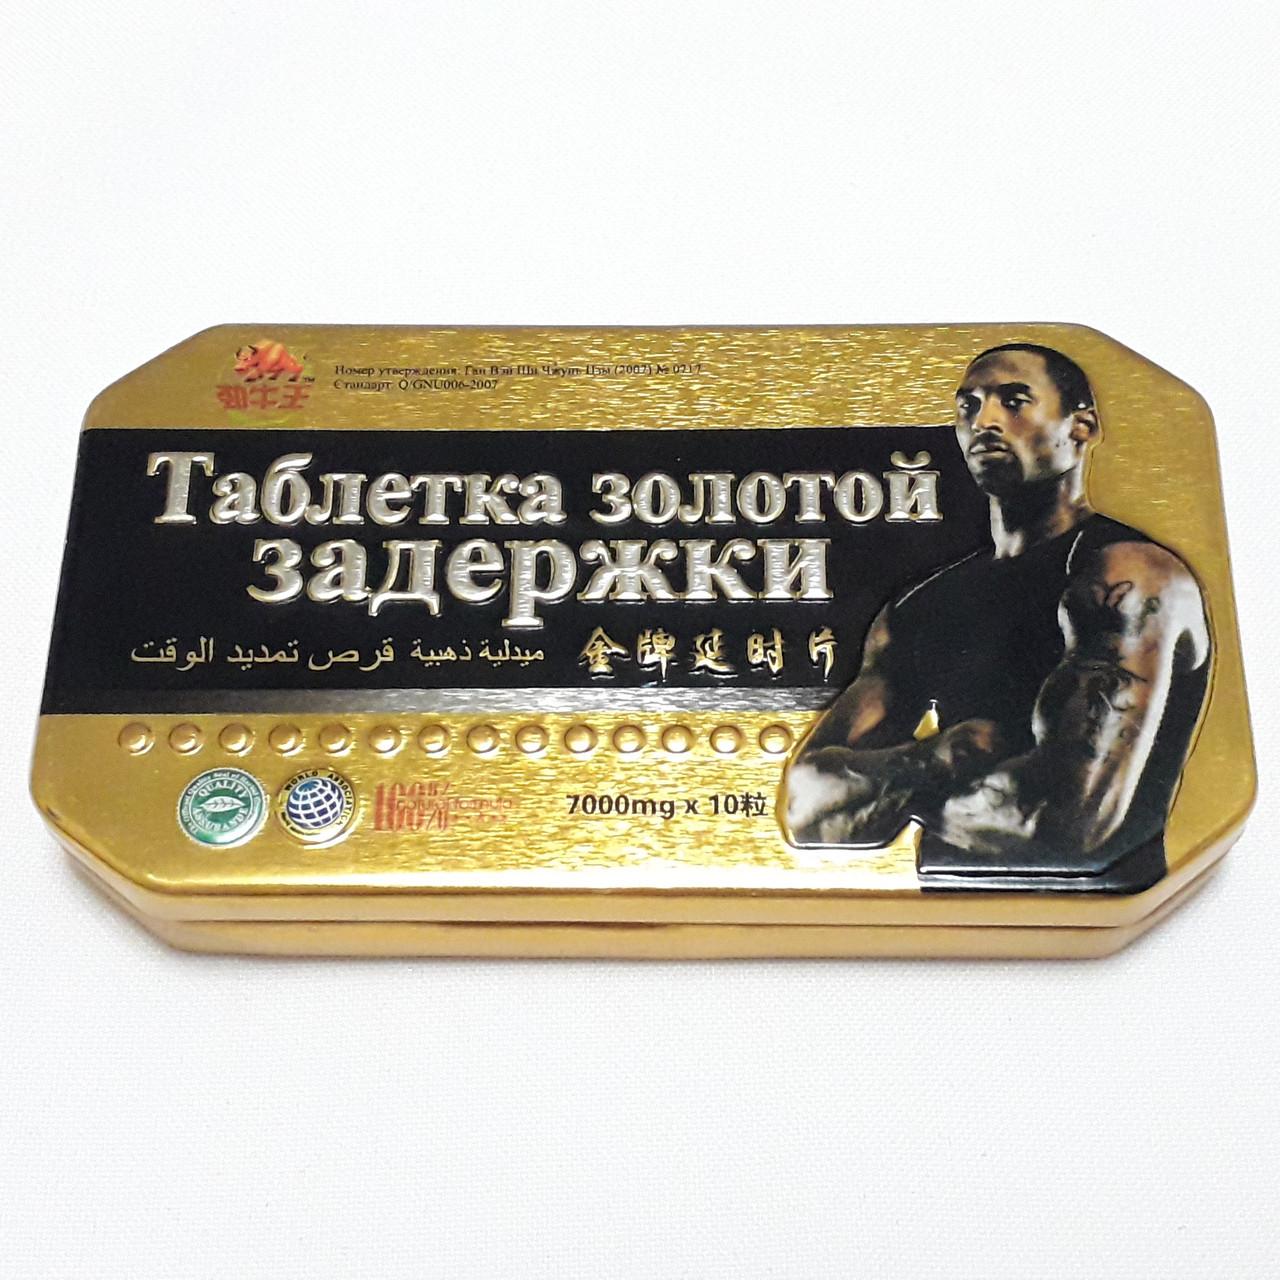 Таблетка Золотой Задержки препарат для потенции. (10 капсул)